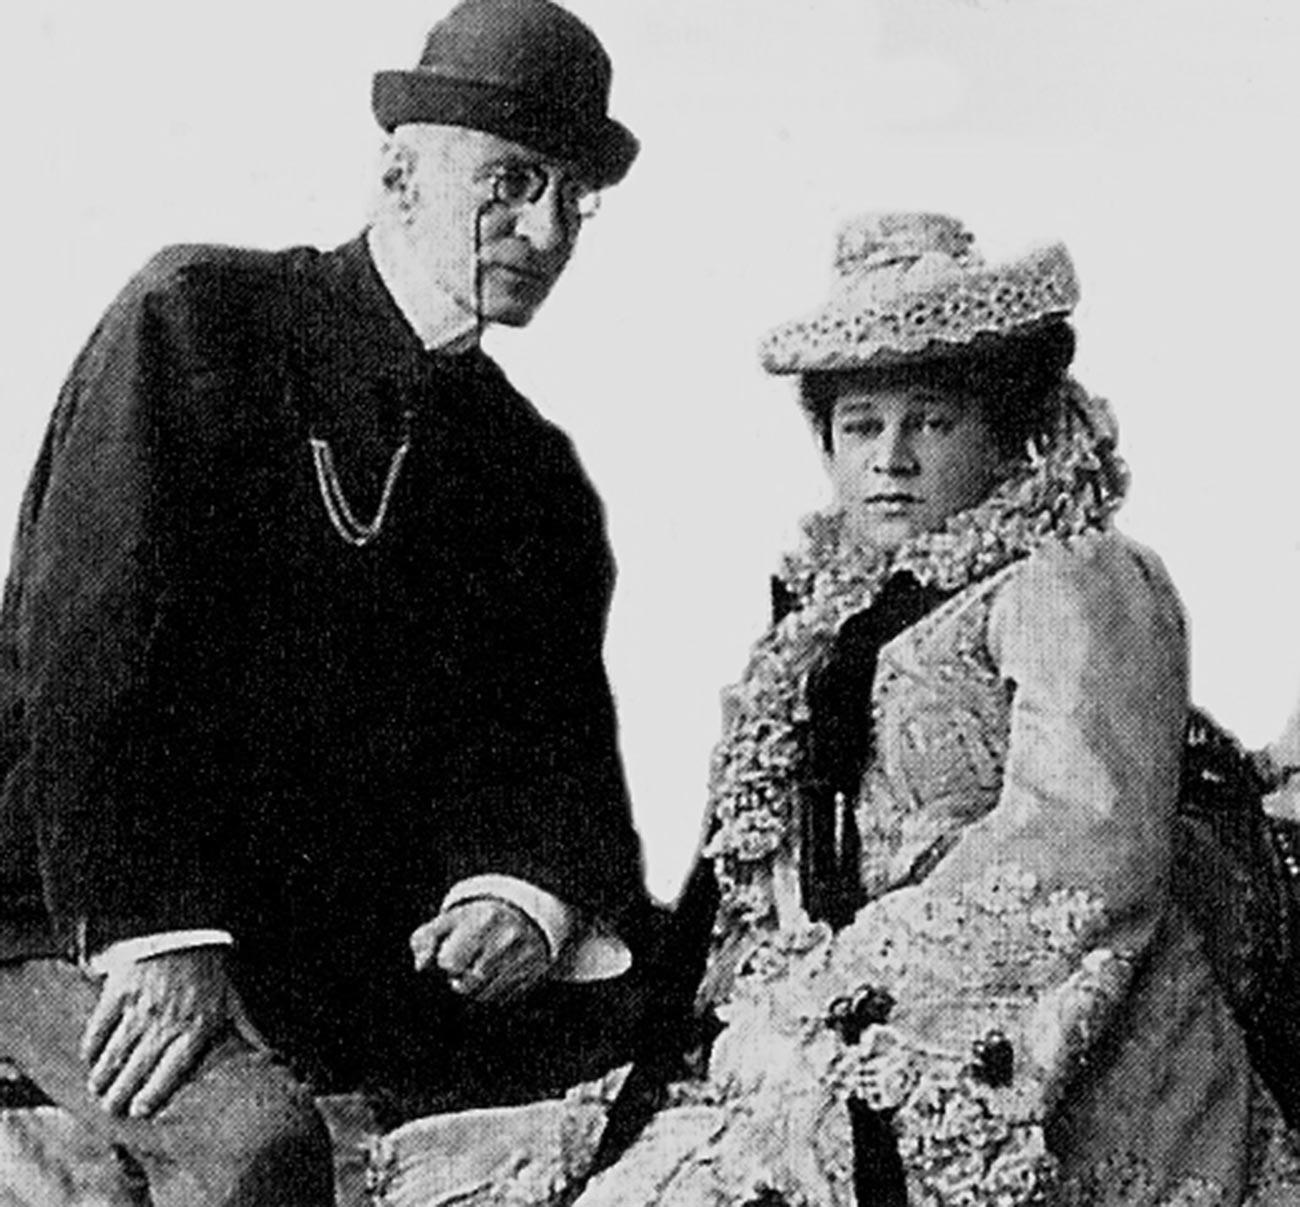 Großfürst Nikolaus Konstantinowitsch und seine Frau Nadeschda von Dreyer